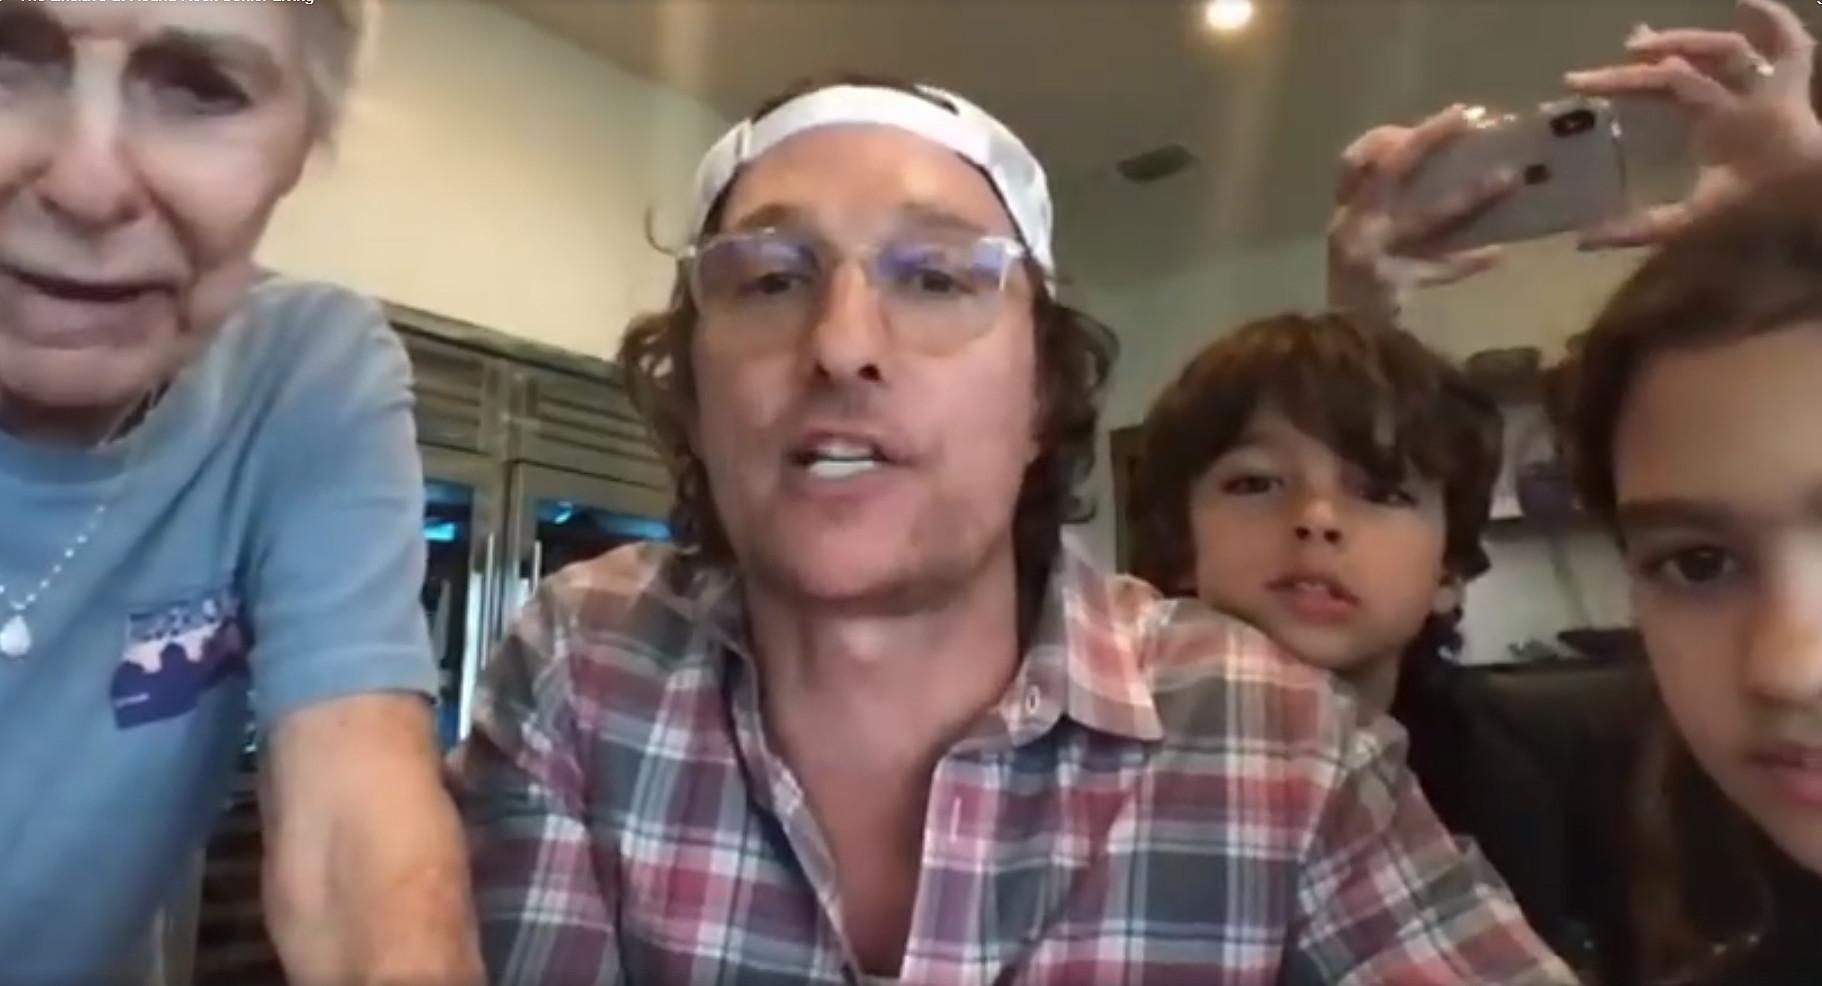 Matthew McConaughey played virtual bingo with senior citizens under coronavirus quarantine